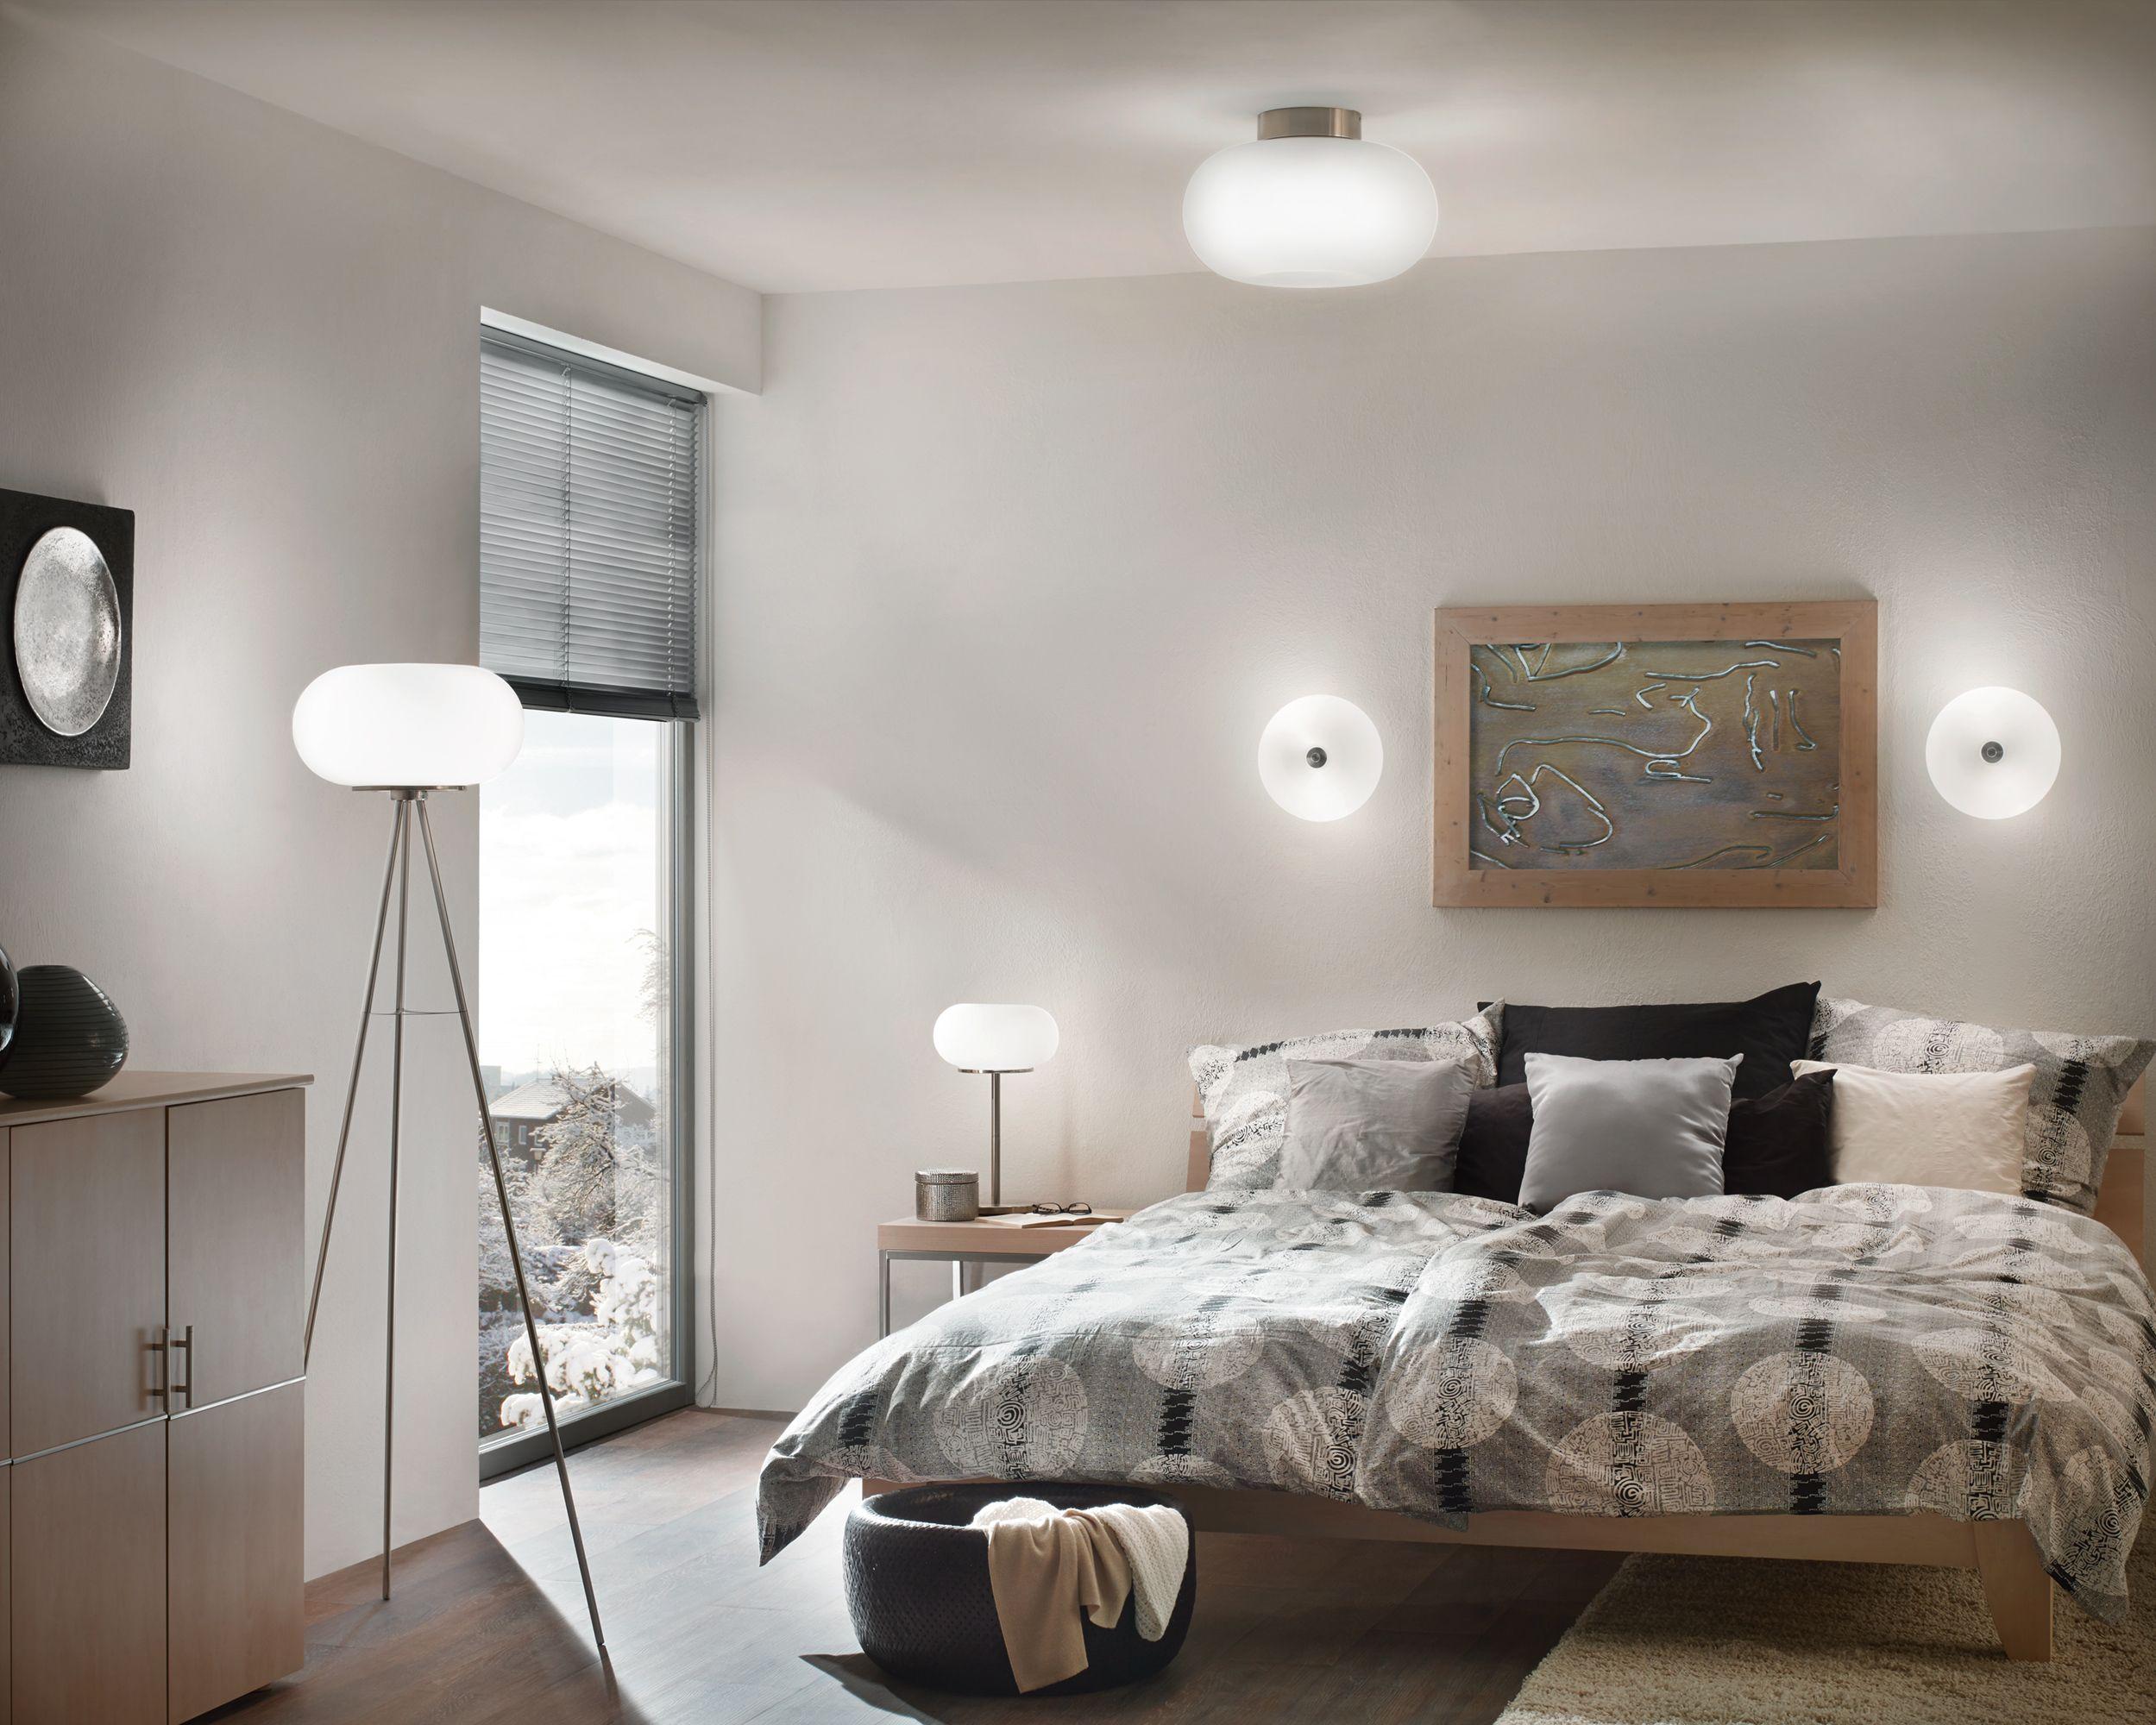 praxis de slaapkamer kun je ook door middel van verlichting de juiste sfeer geven